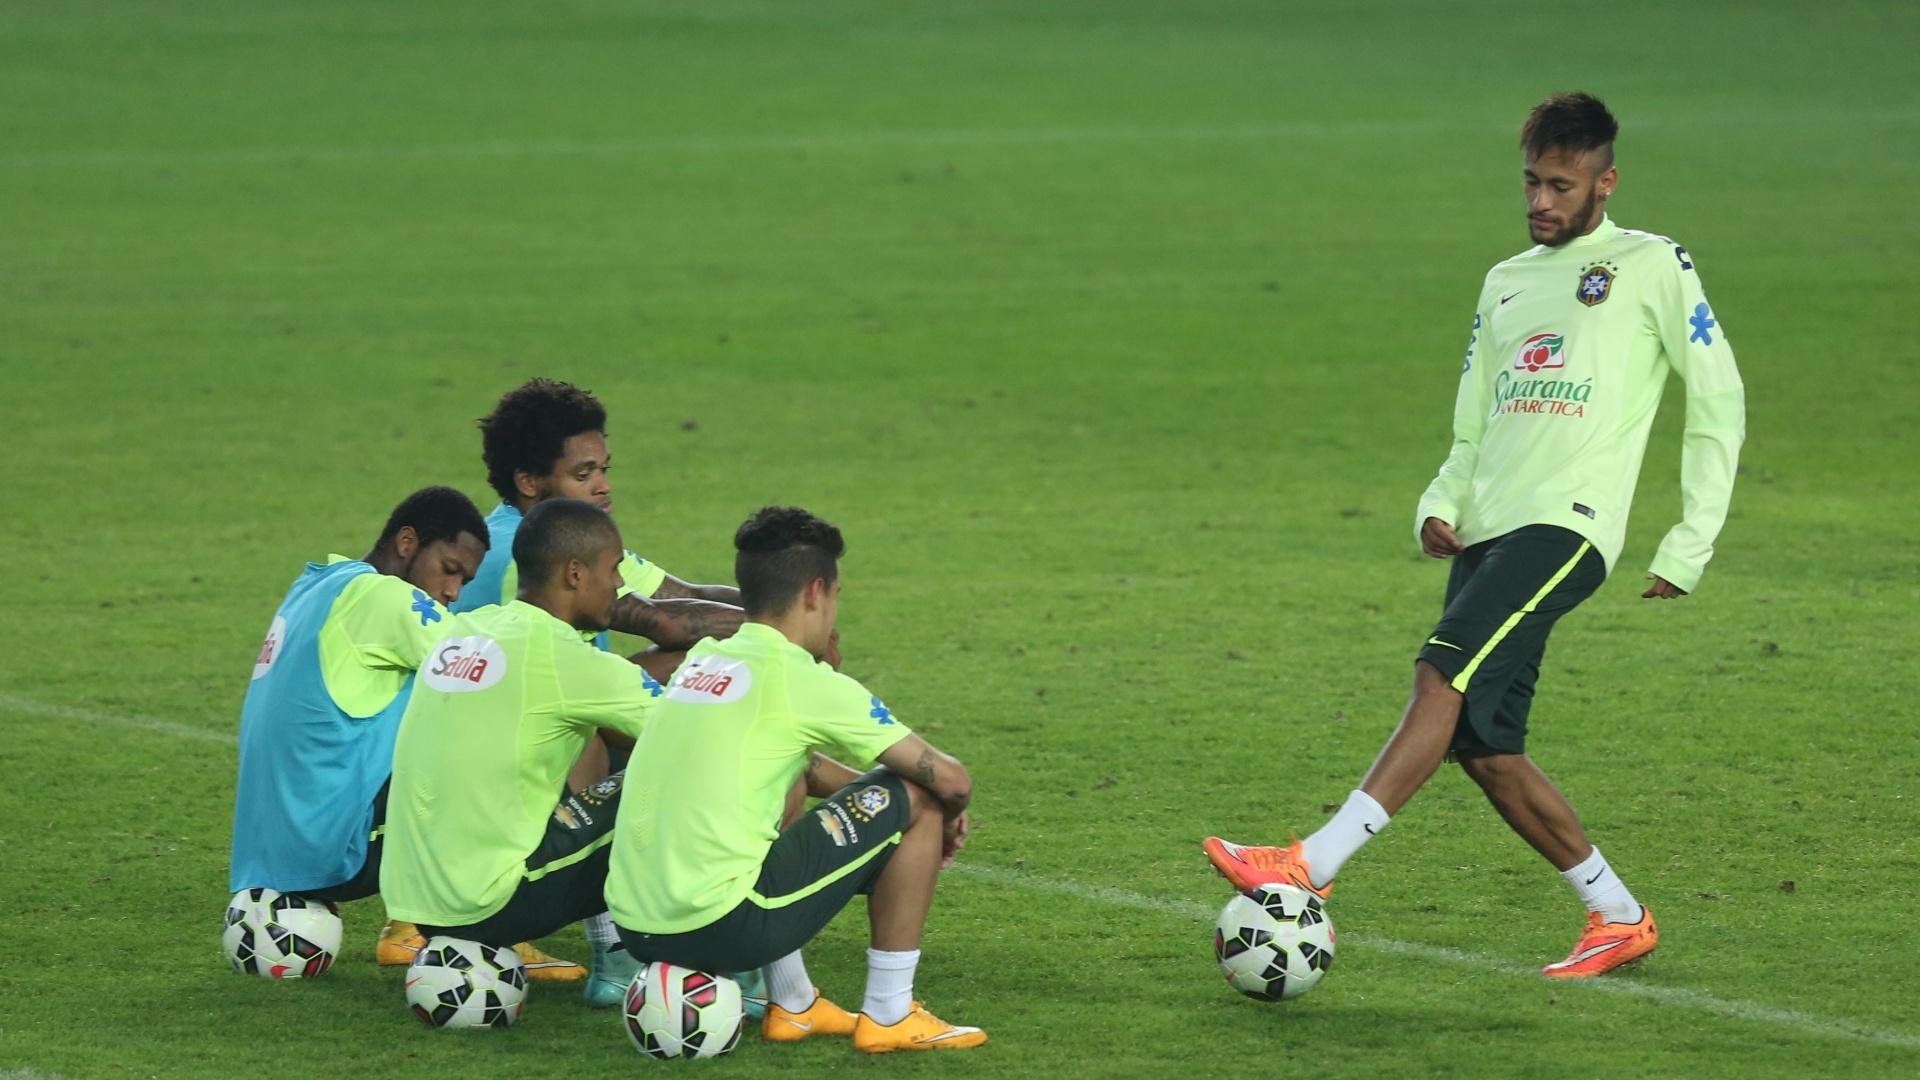 Sentado ao fundo (de colete azul), Luiz Adriano será o companheiro de Neymar no ataque para o amistoso contra a Turquia, em Istambul